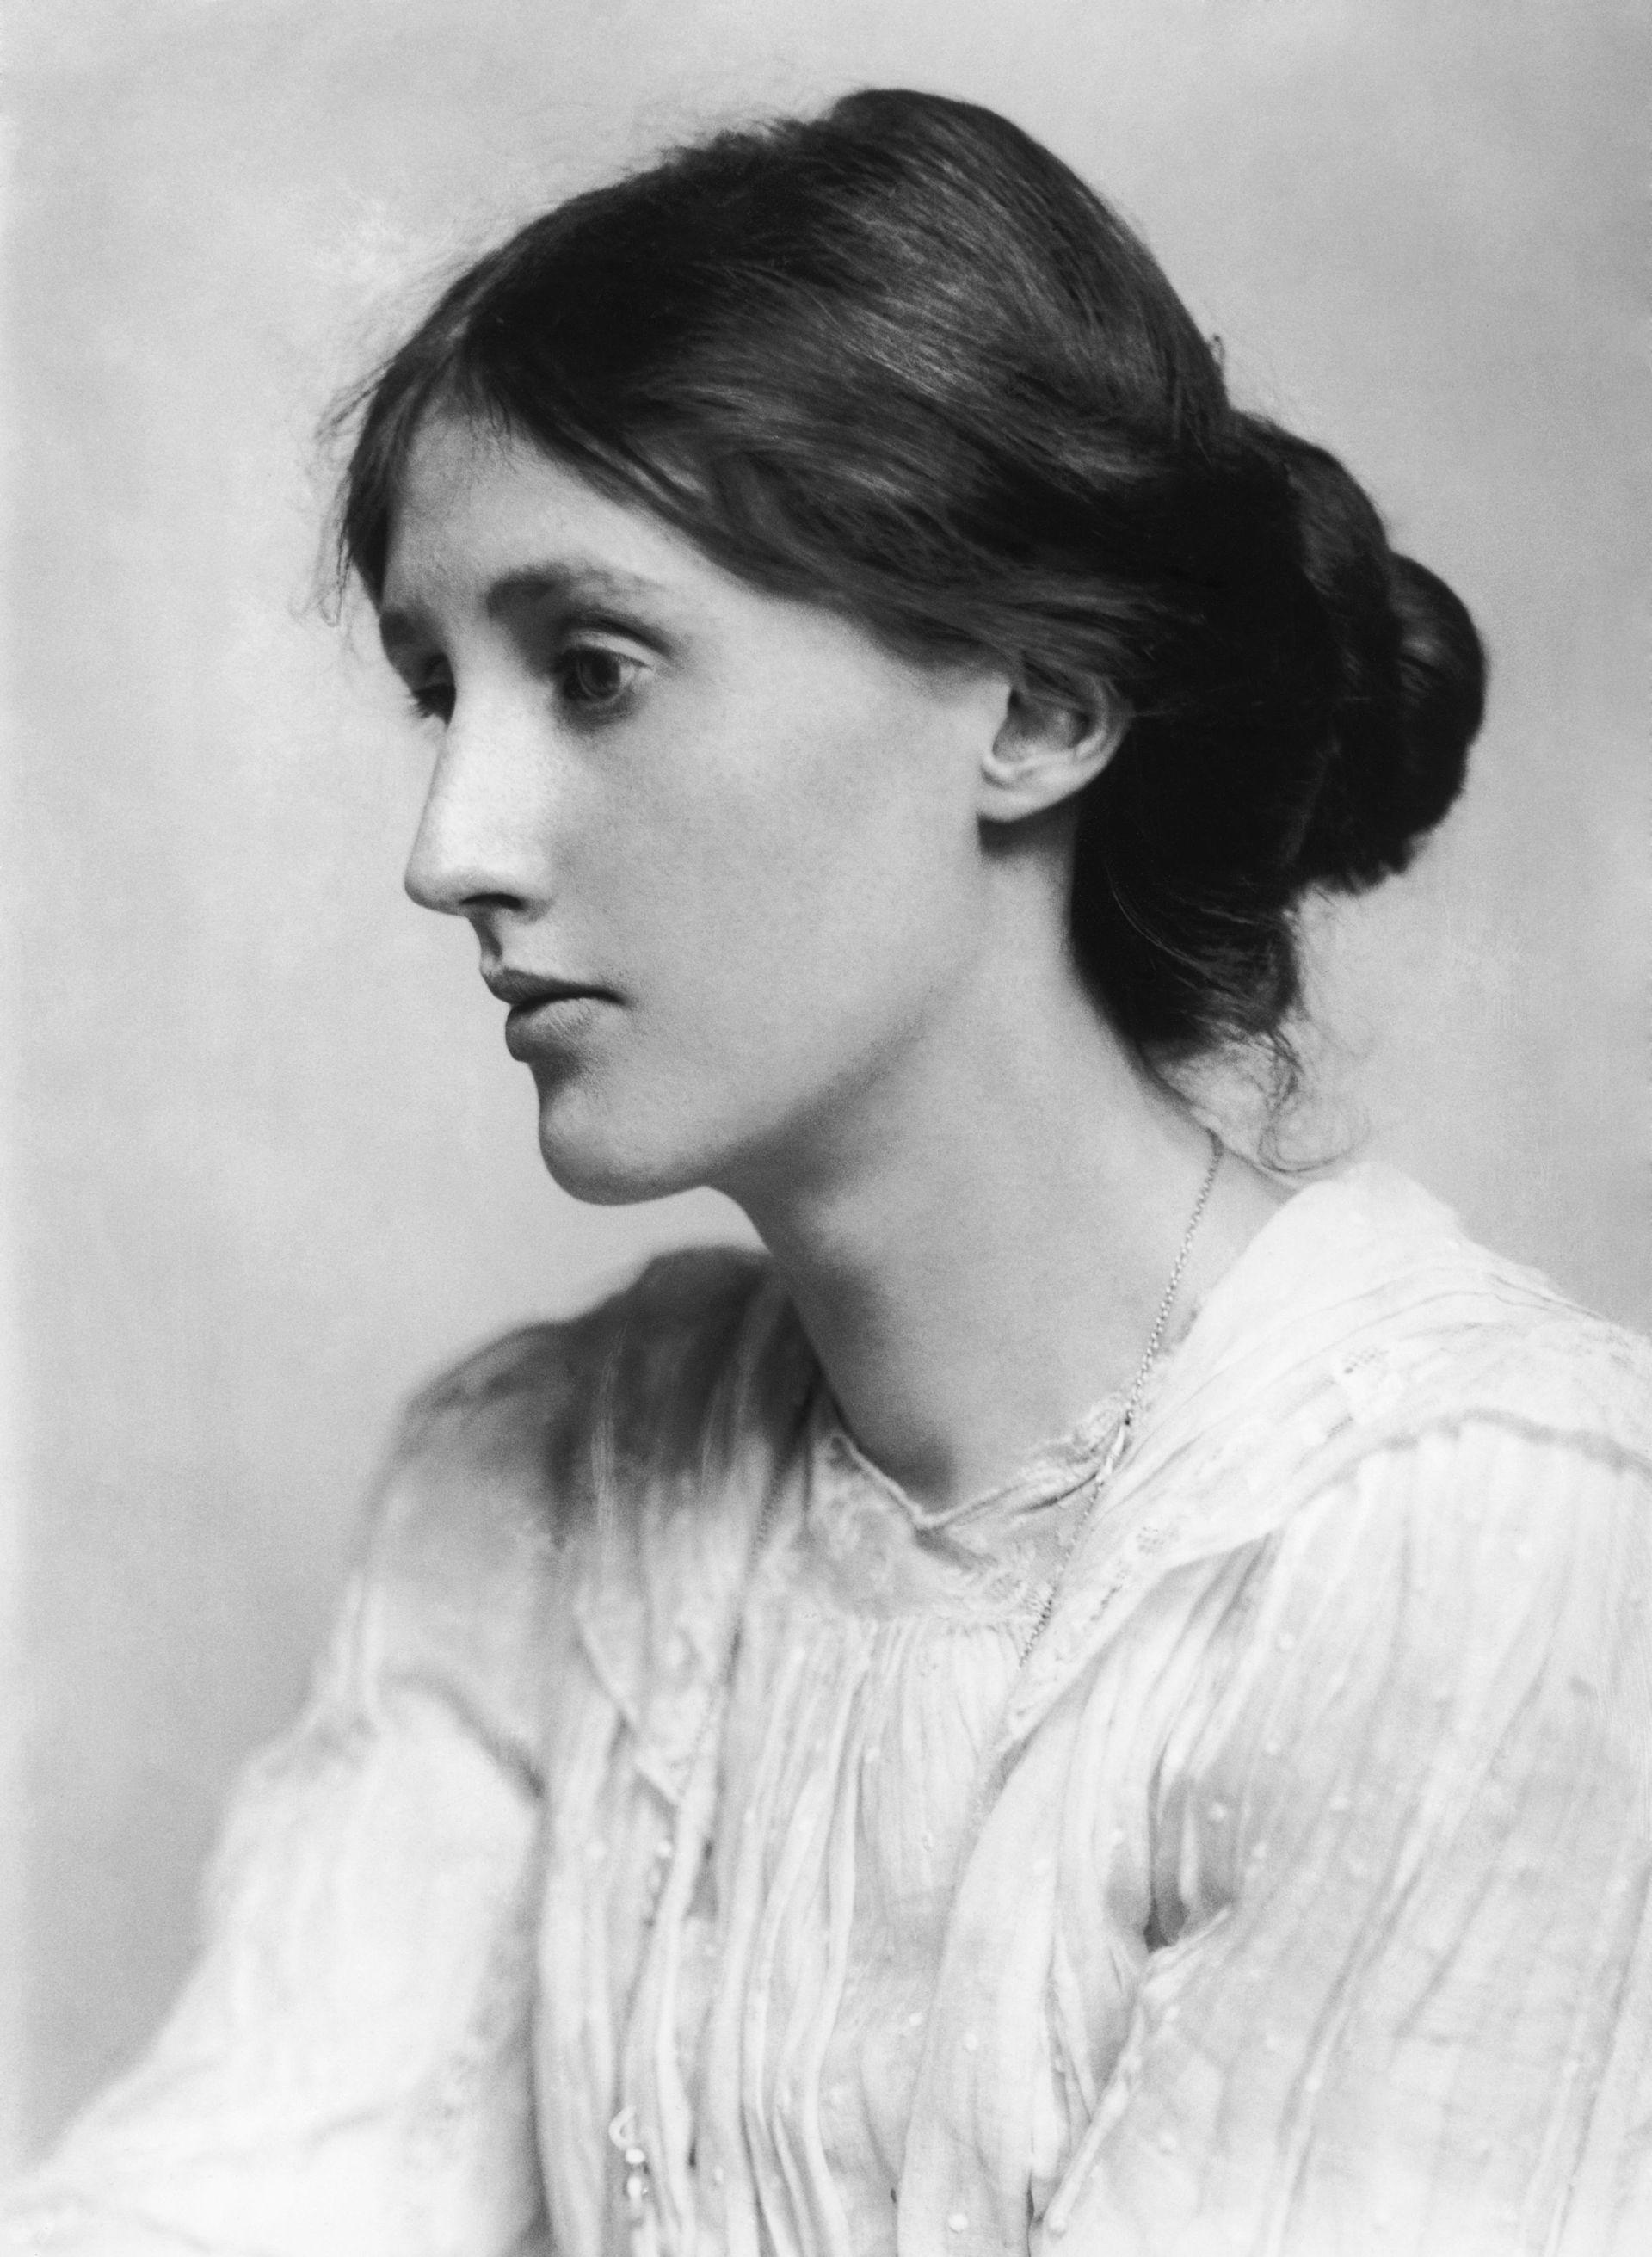 Virginia_Woolf_in_1902_-_Restoration.jpg